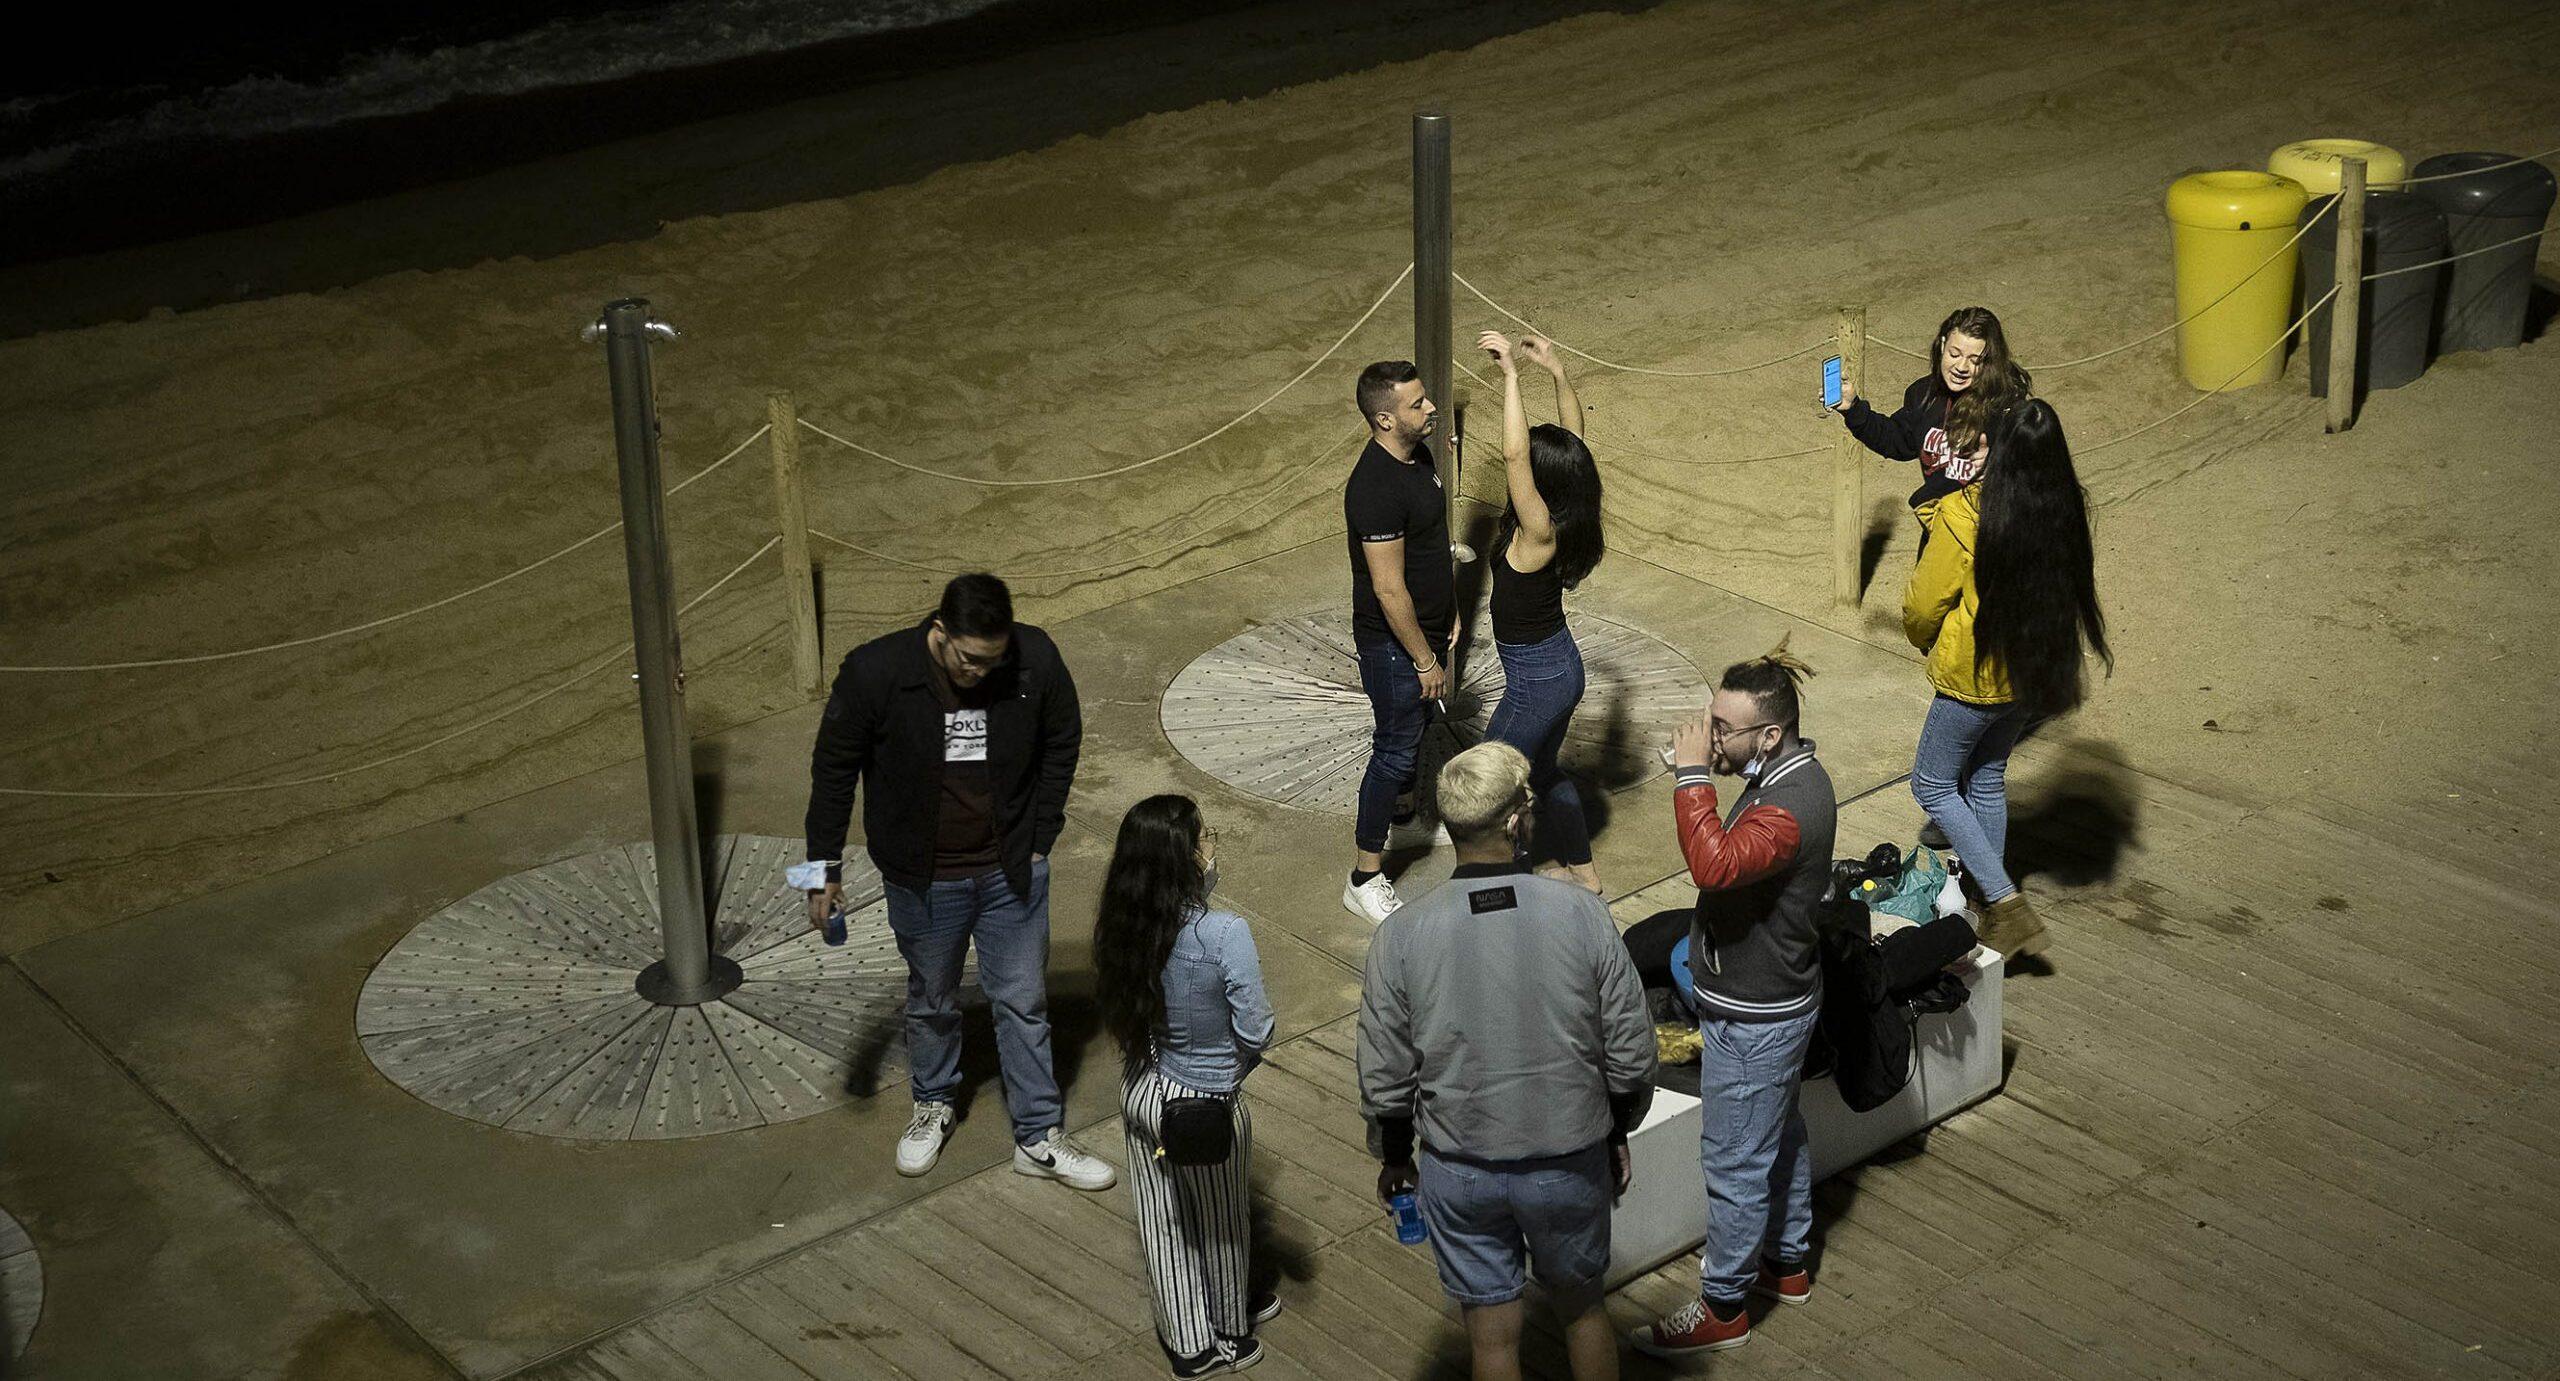 Botellons i festa a la platja de Barcelona, la primera nit de divendres després de la fi del toc de queda / Jordi Play